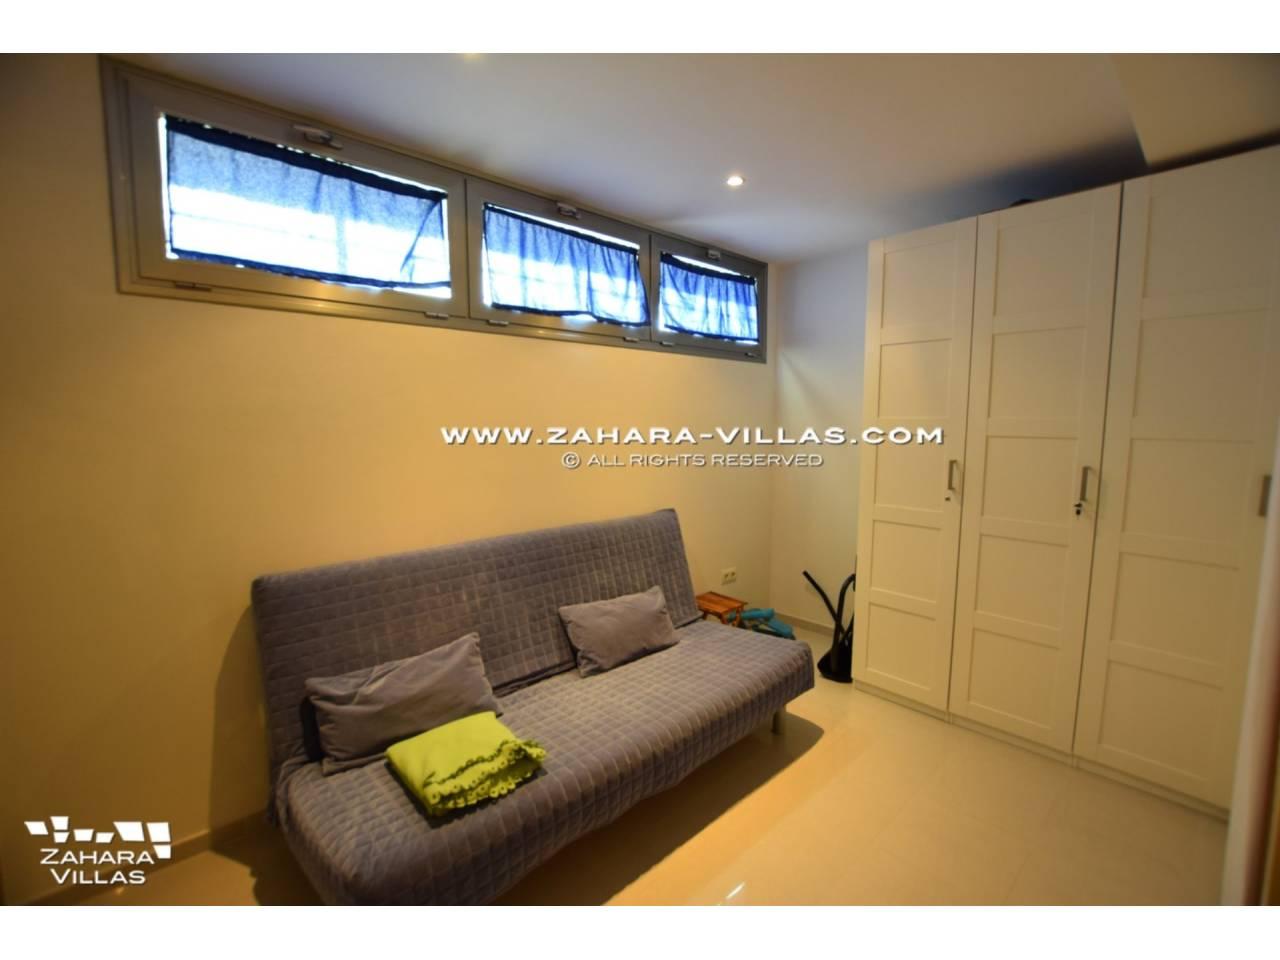 Imagen 35 de House for sale in Zahara de los Atunes